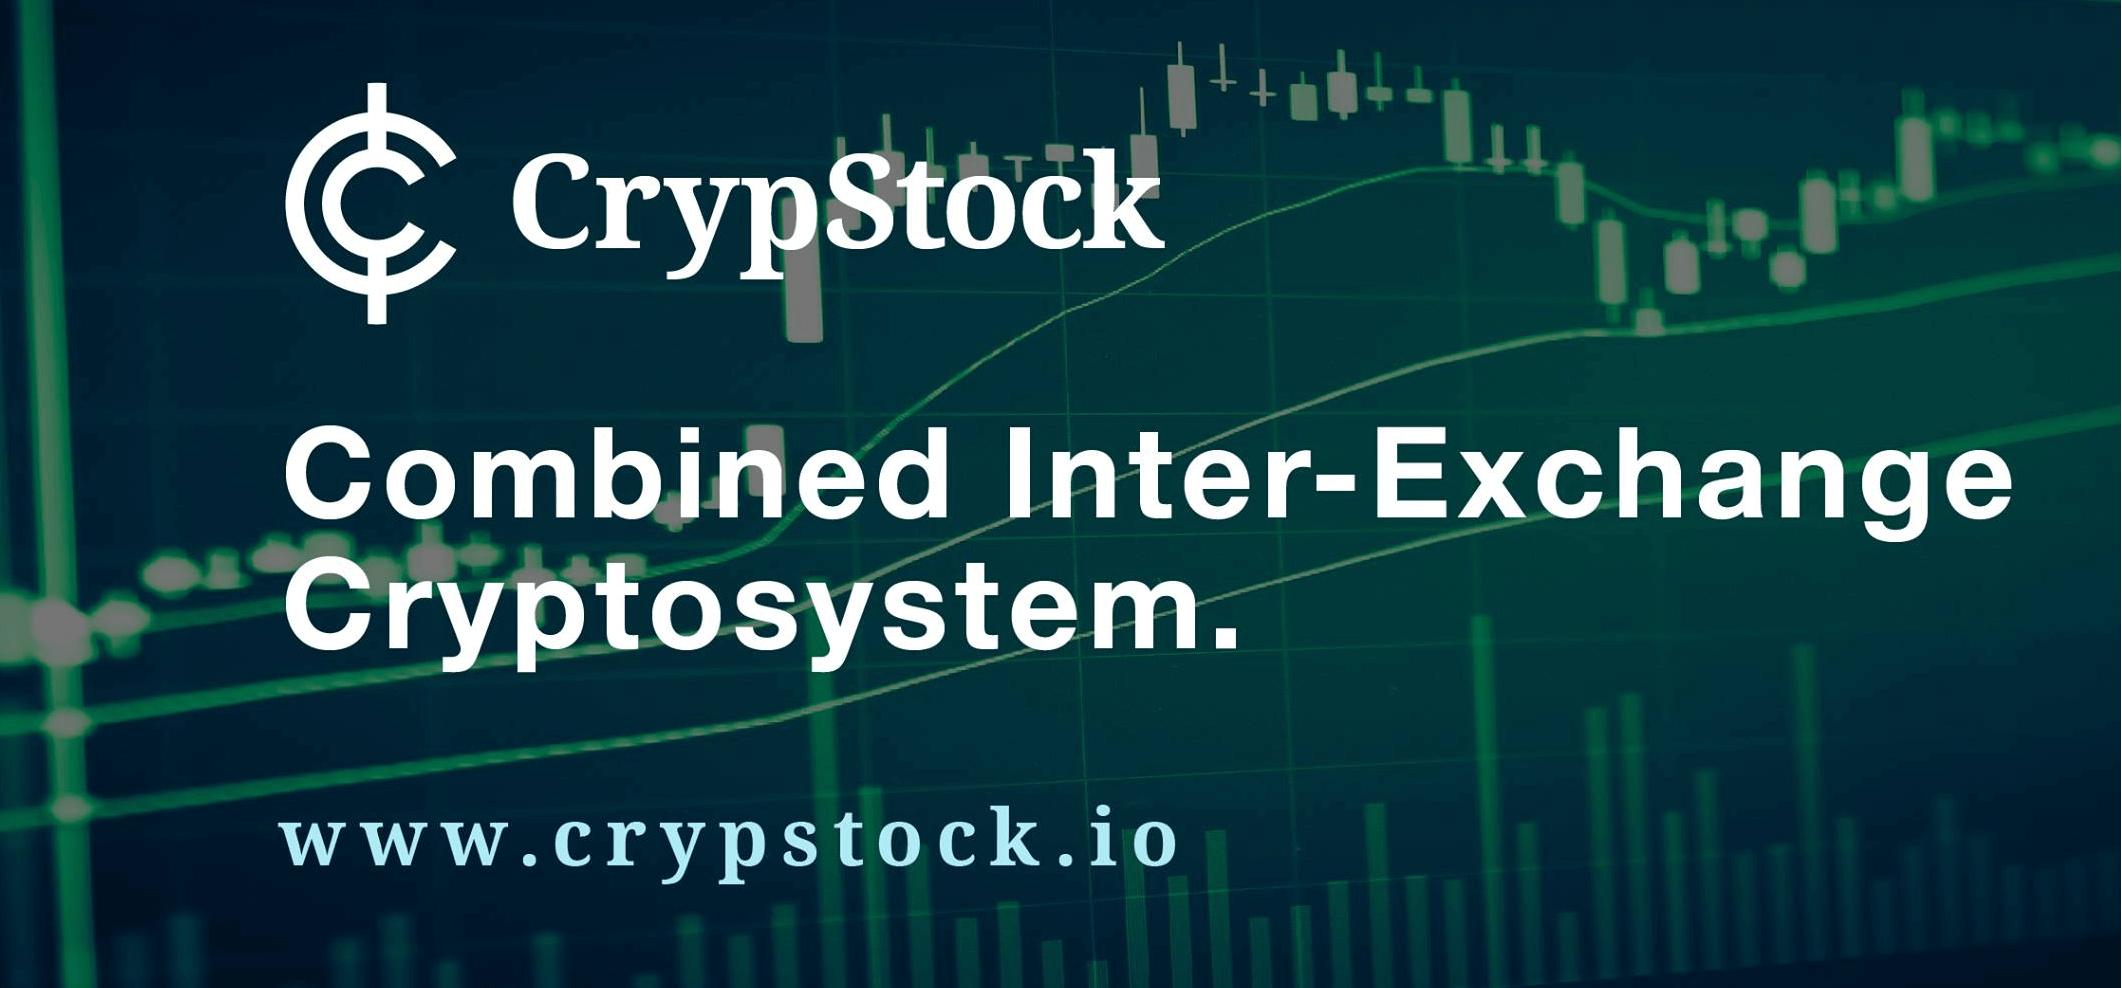 منصةCrypstock